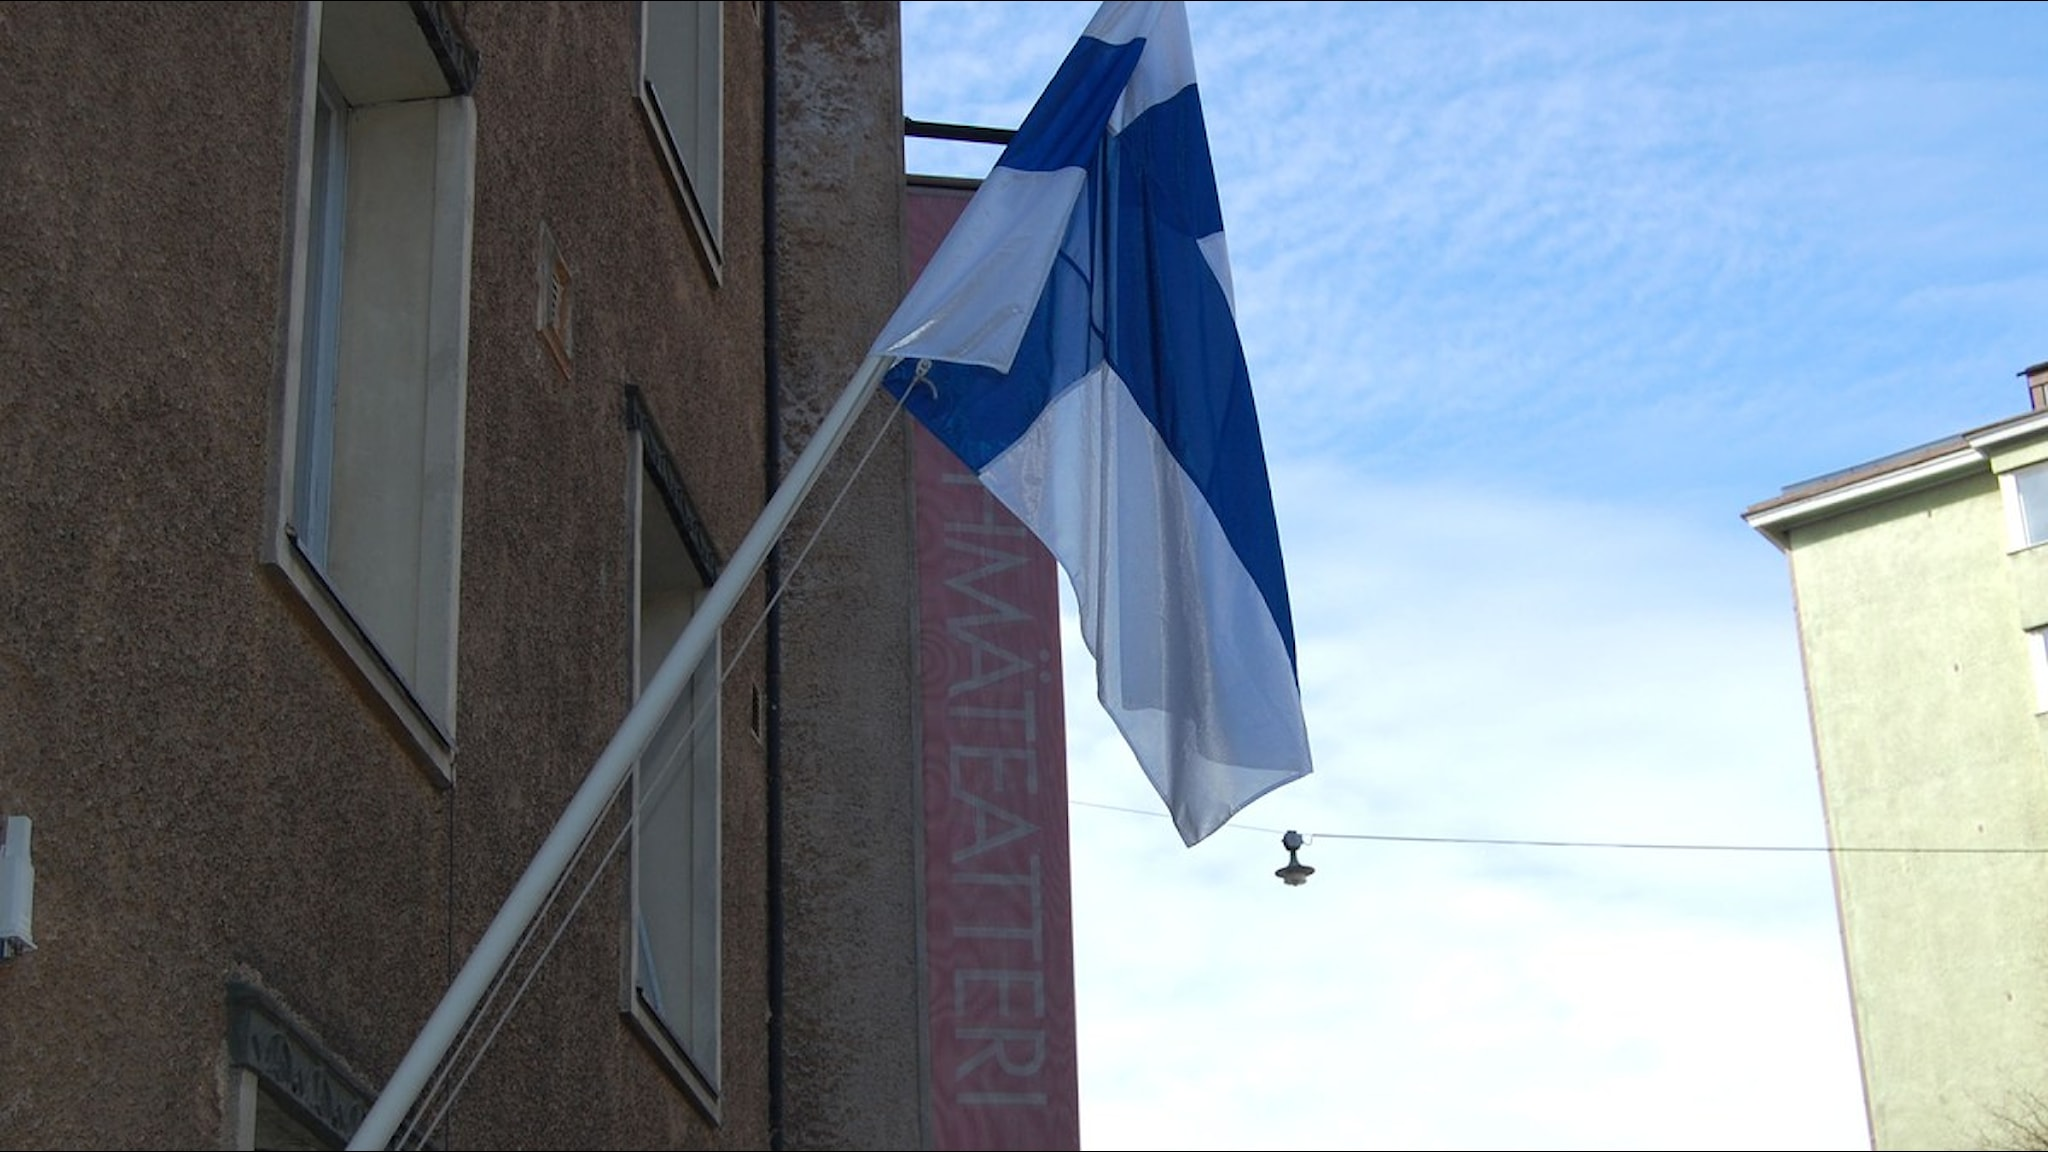 Suomessa vaalipäivänä 2011. Kuva/Foto: Jorma Ikäheimo/Sveriges Radio Sisuradio.